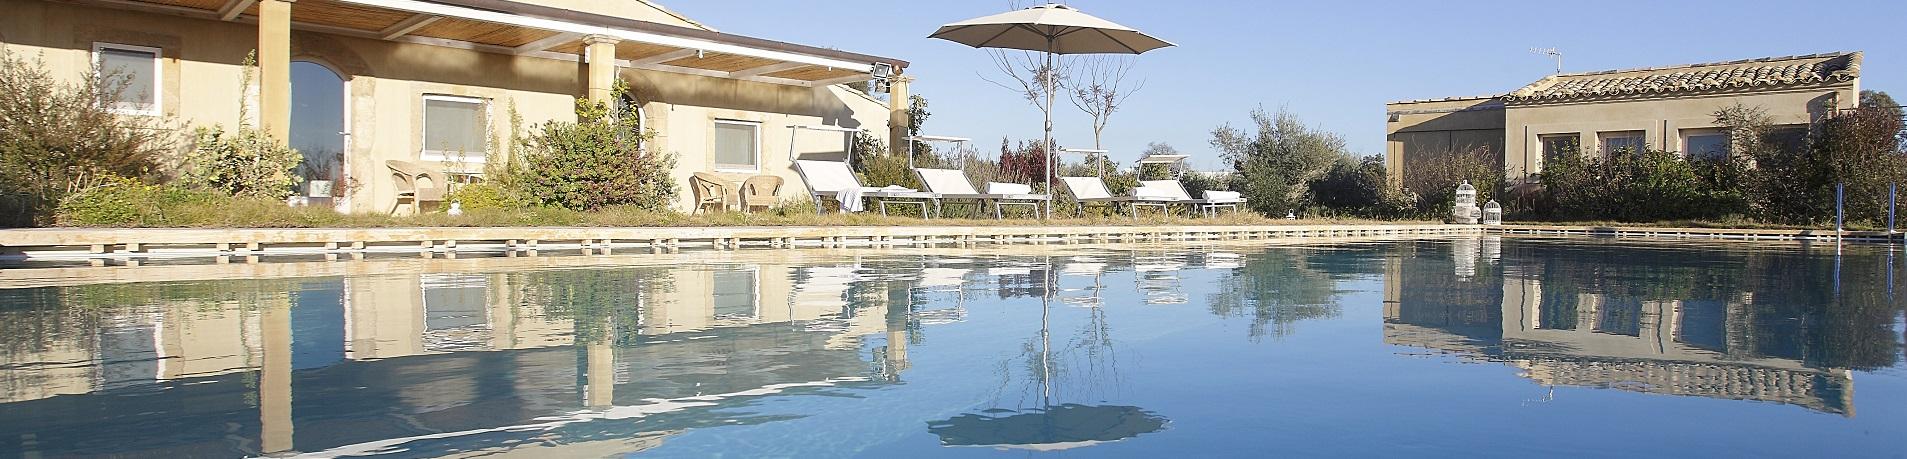 Ville in Sicilia con piscina vicino Siracusa